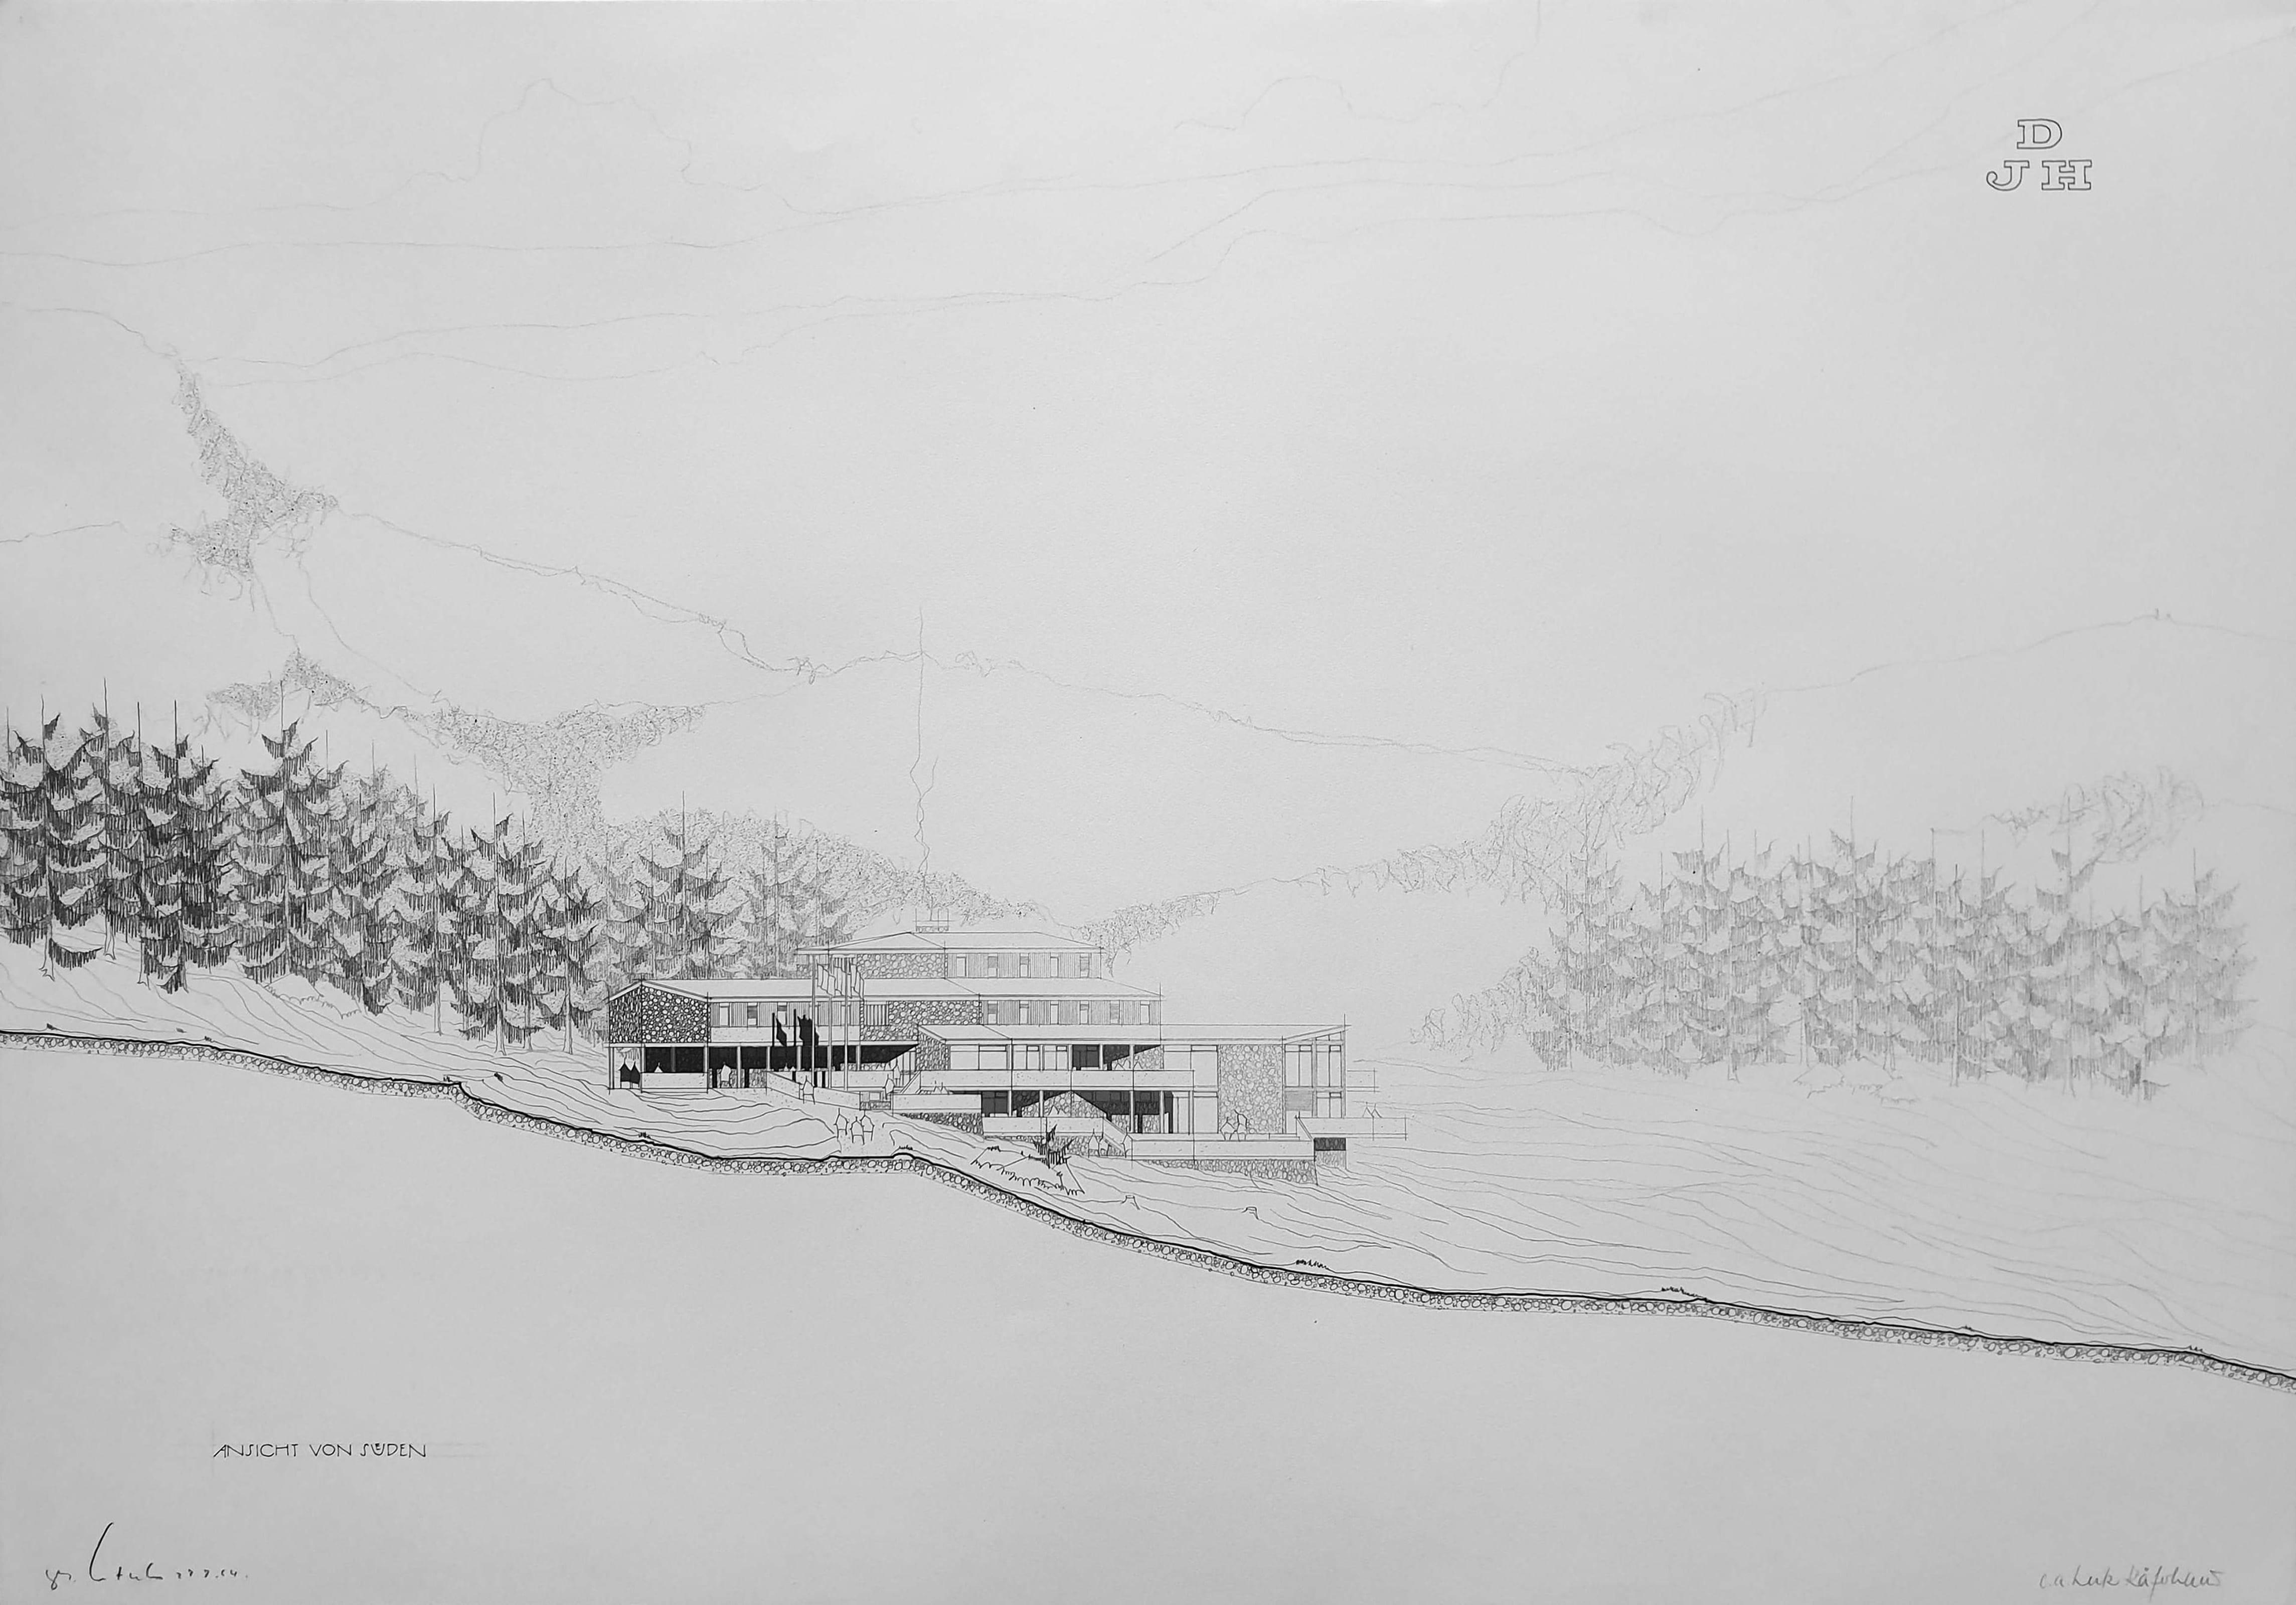 Kaeferhaus Lutz Jugendherberge Ansicht S Oesterlen 1964